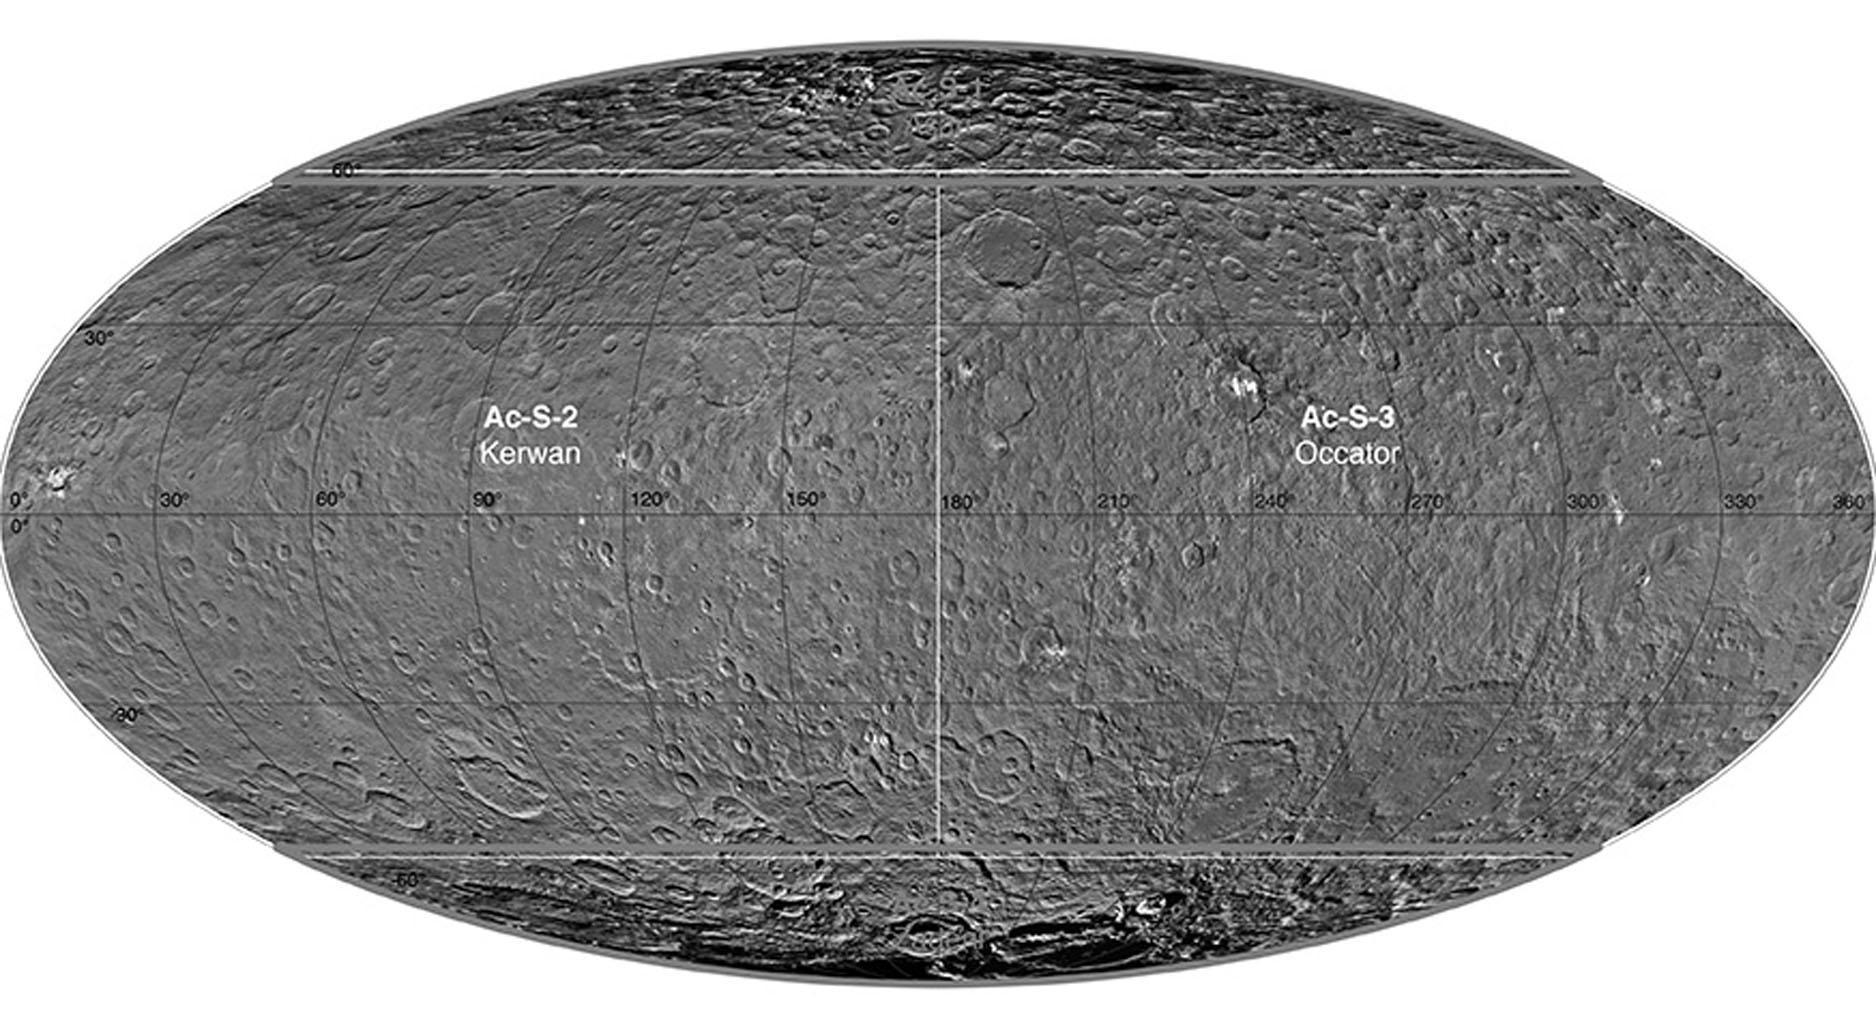 Ceres Survey Atlas